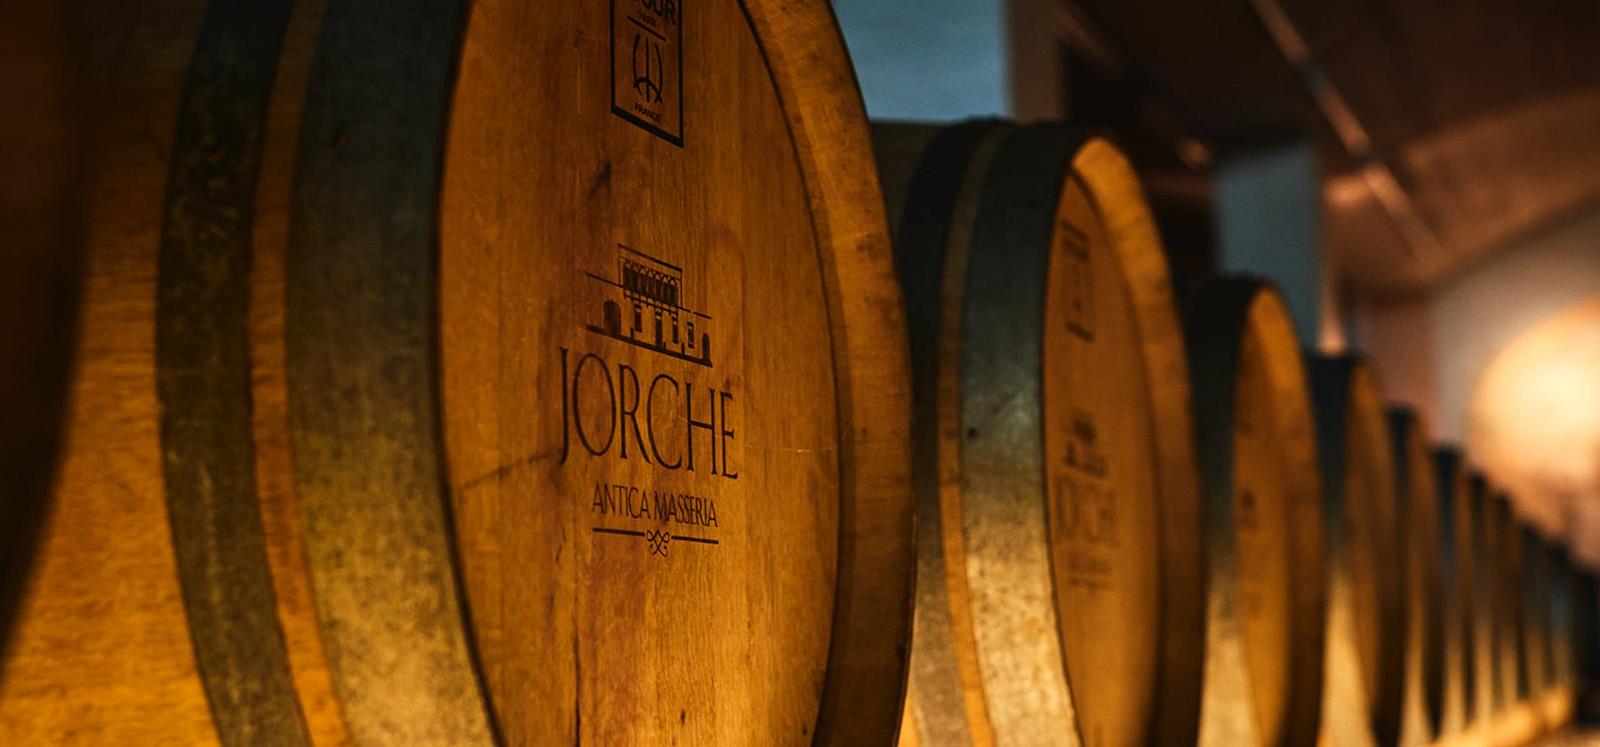 Masseria jorche frantoio 0001 Jorche masseria8I3254